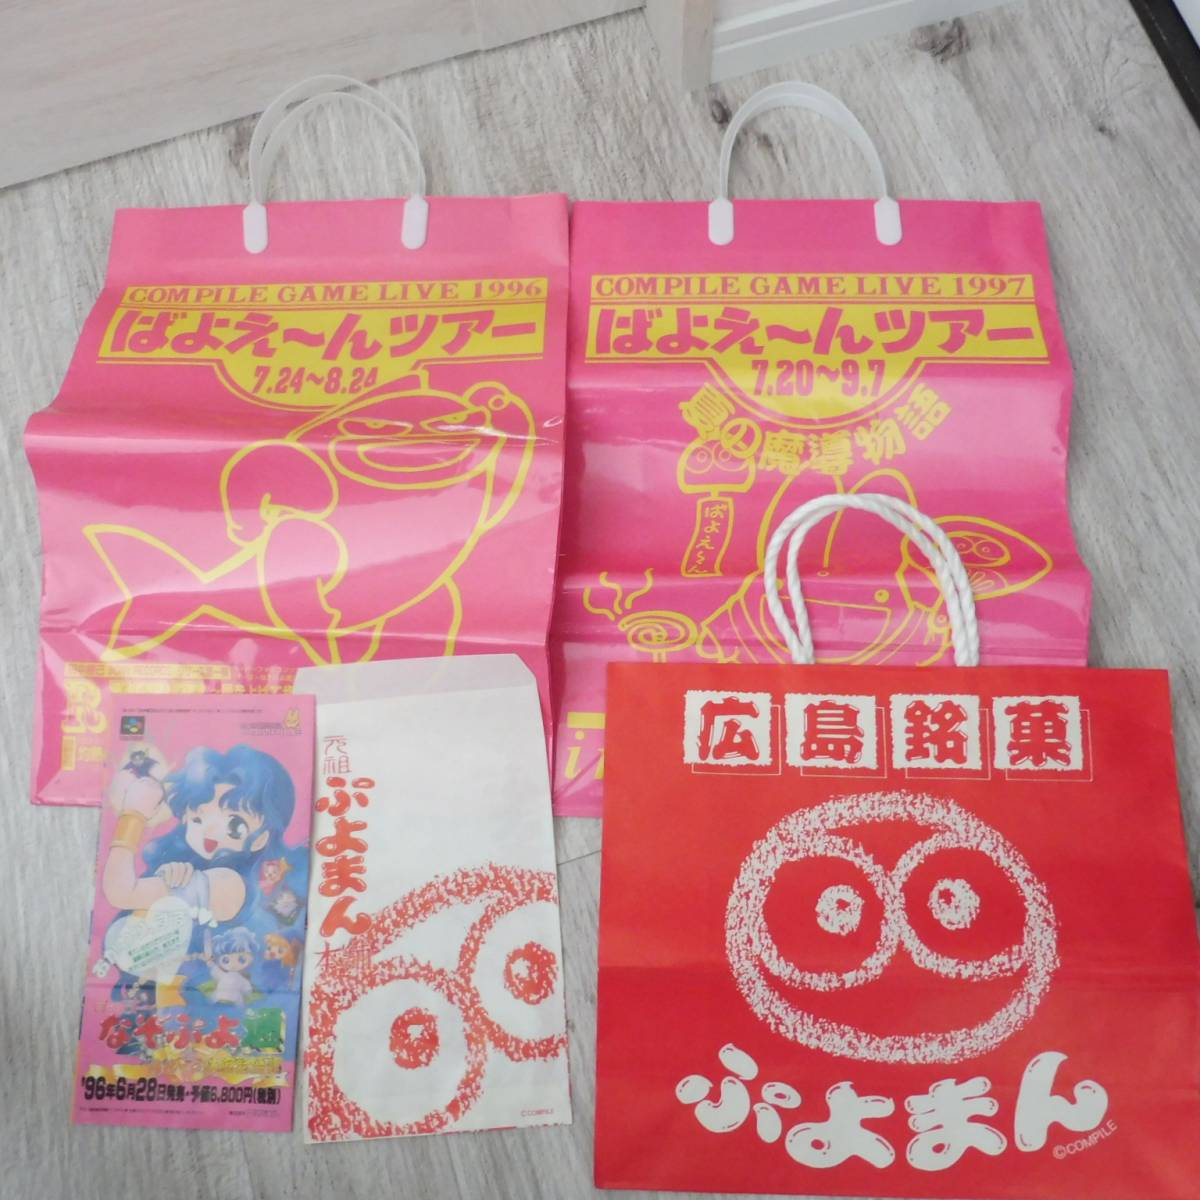 ぷよぷよ関連の袋